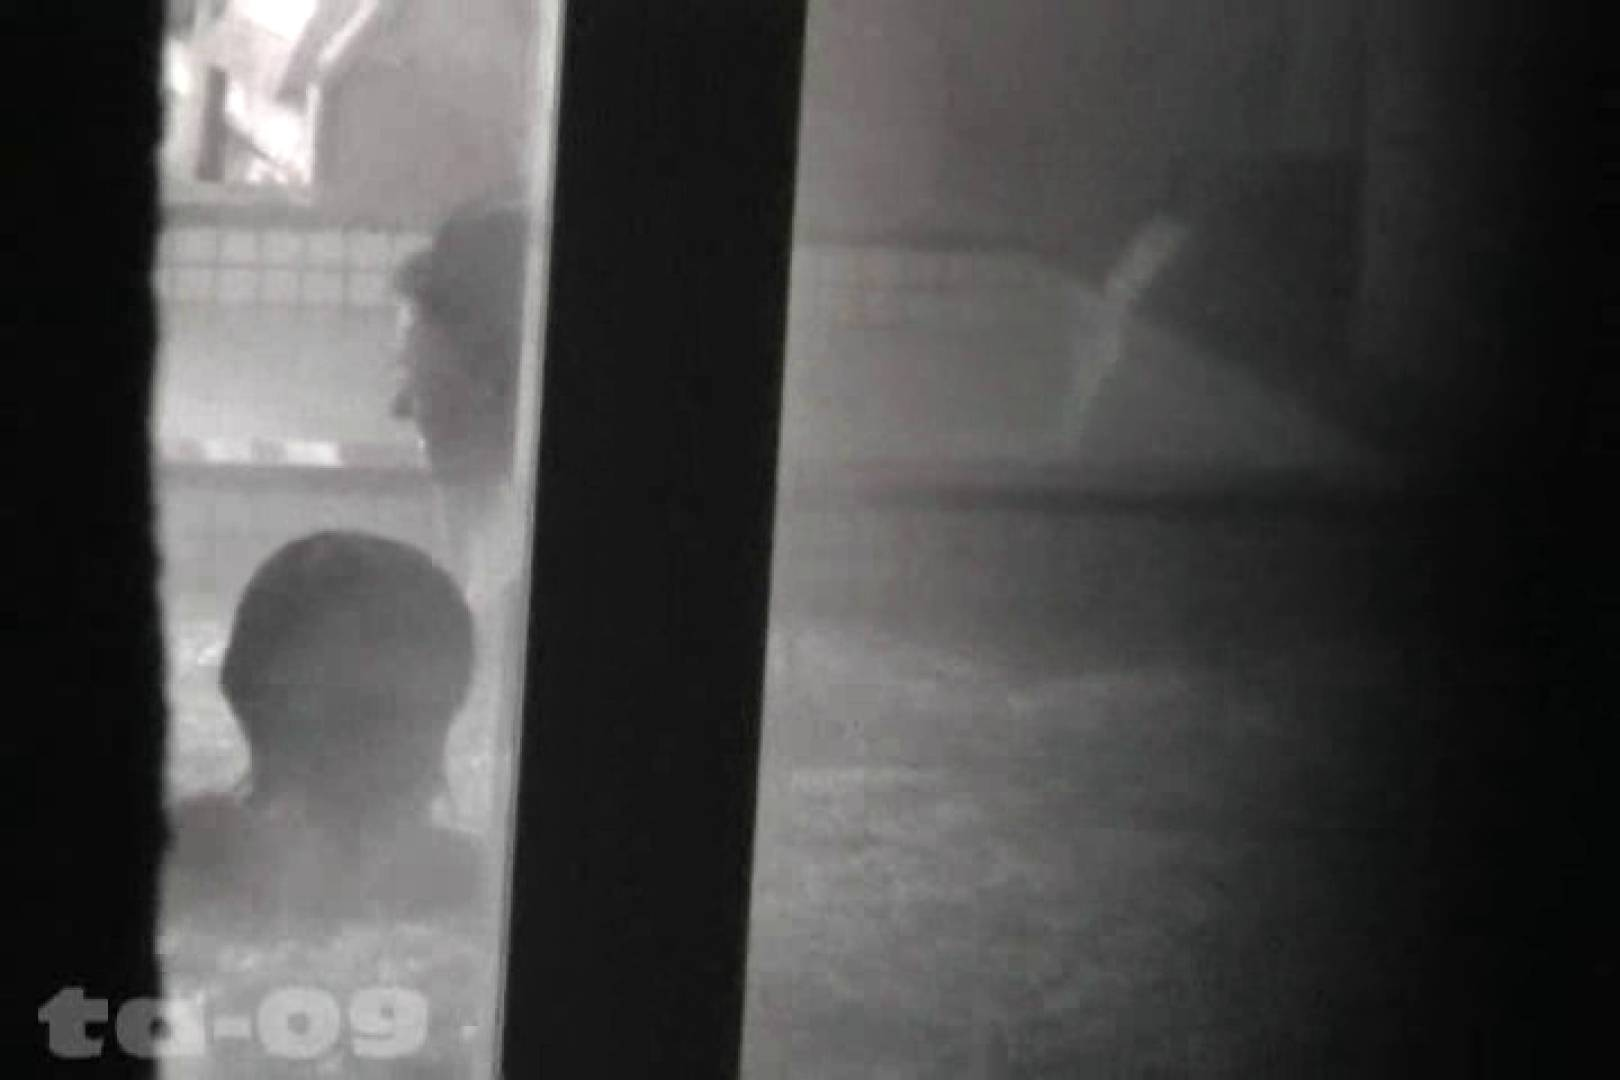 合宿ホテル女風呂盗撮高画質版 Vol.09 合宿 おまんこ動画流出 96枚 49